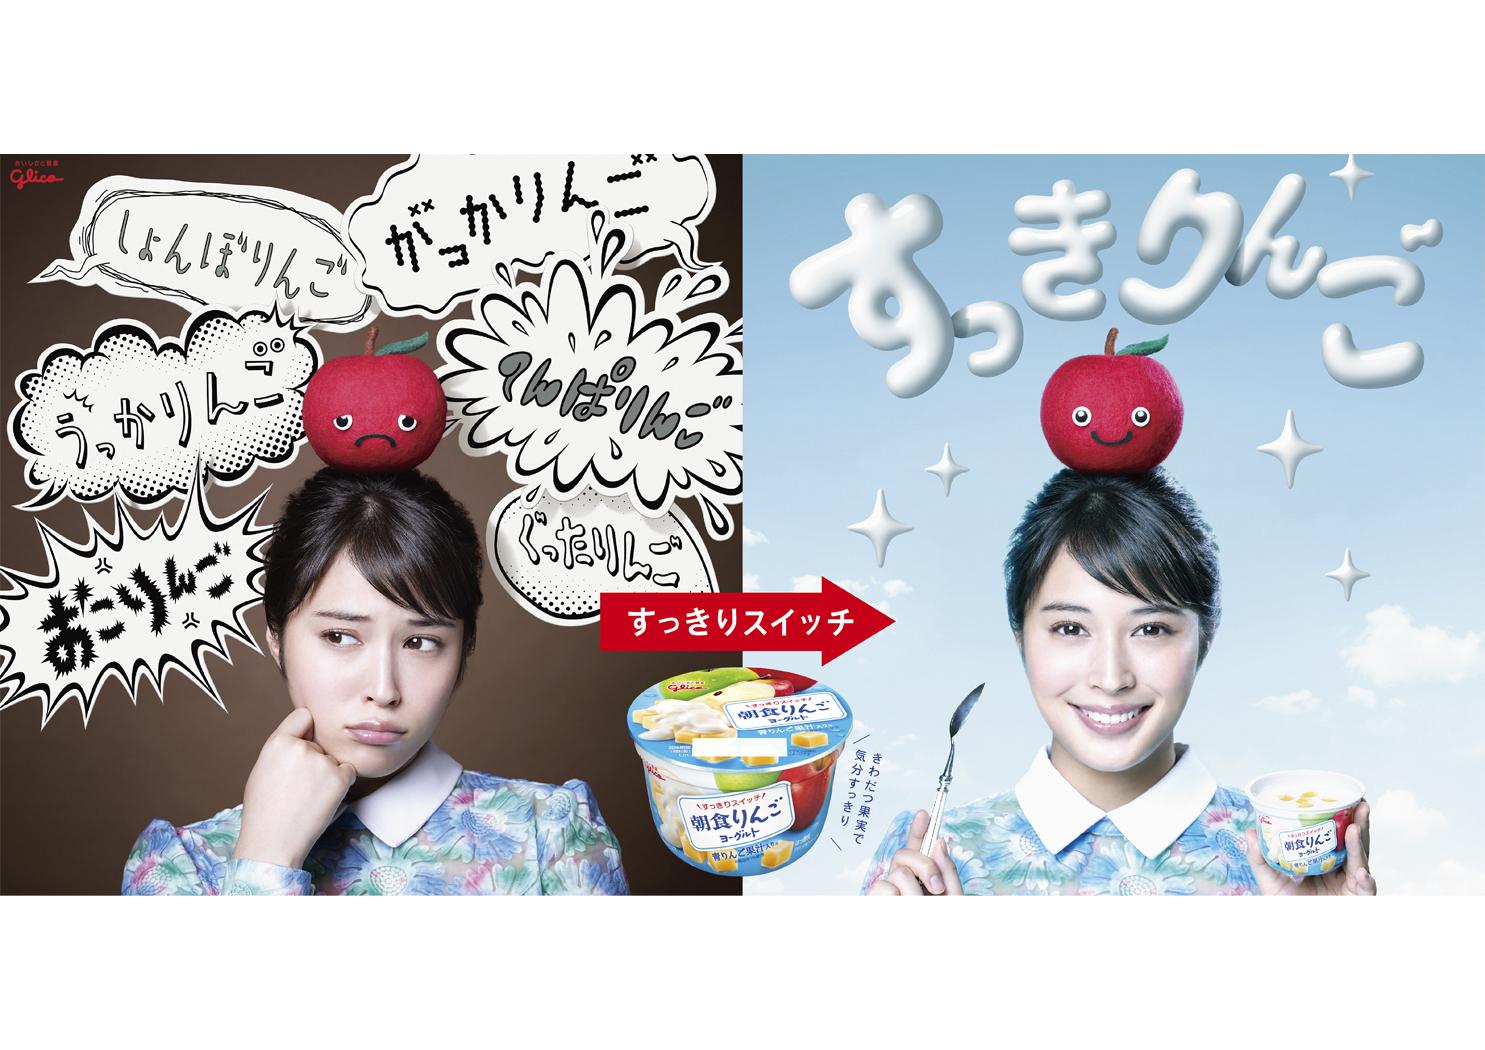 choshokuringo yogurt top board